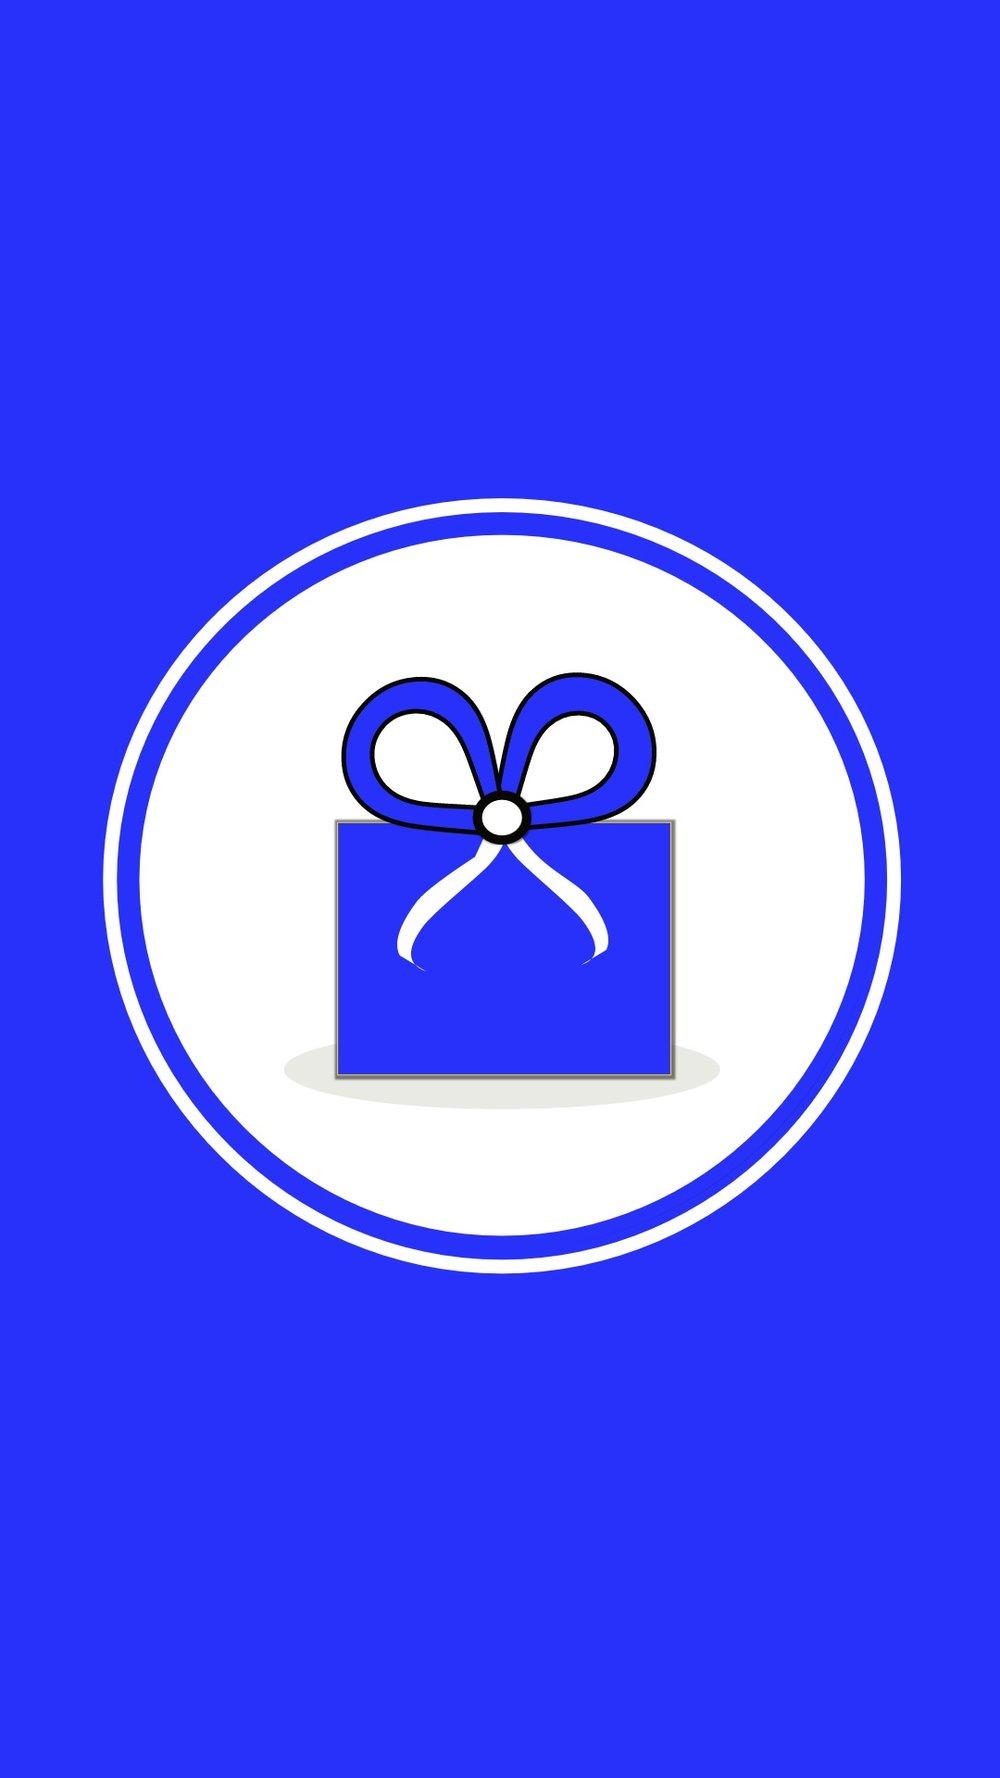 Instagram-cover-box-blue-lotnotes.com.jpg